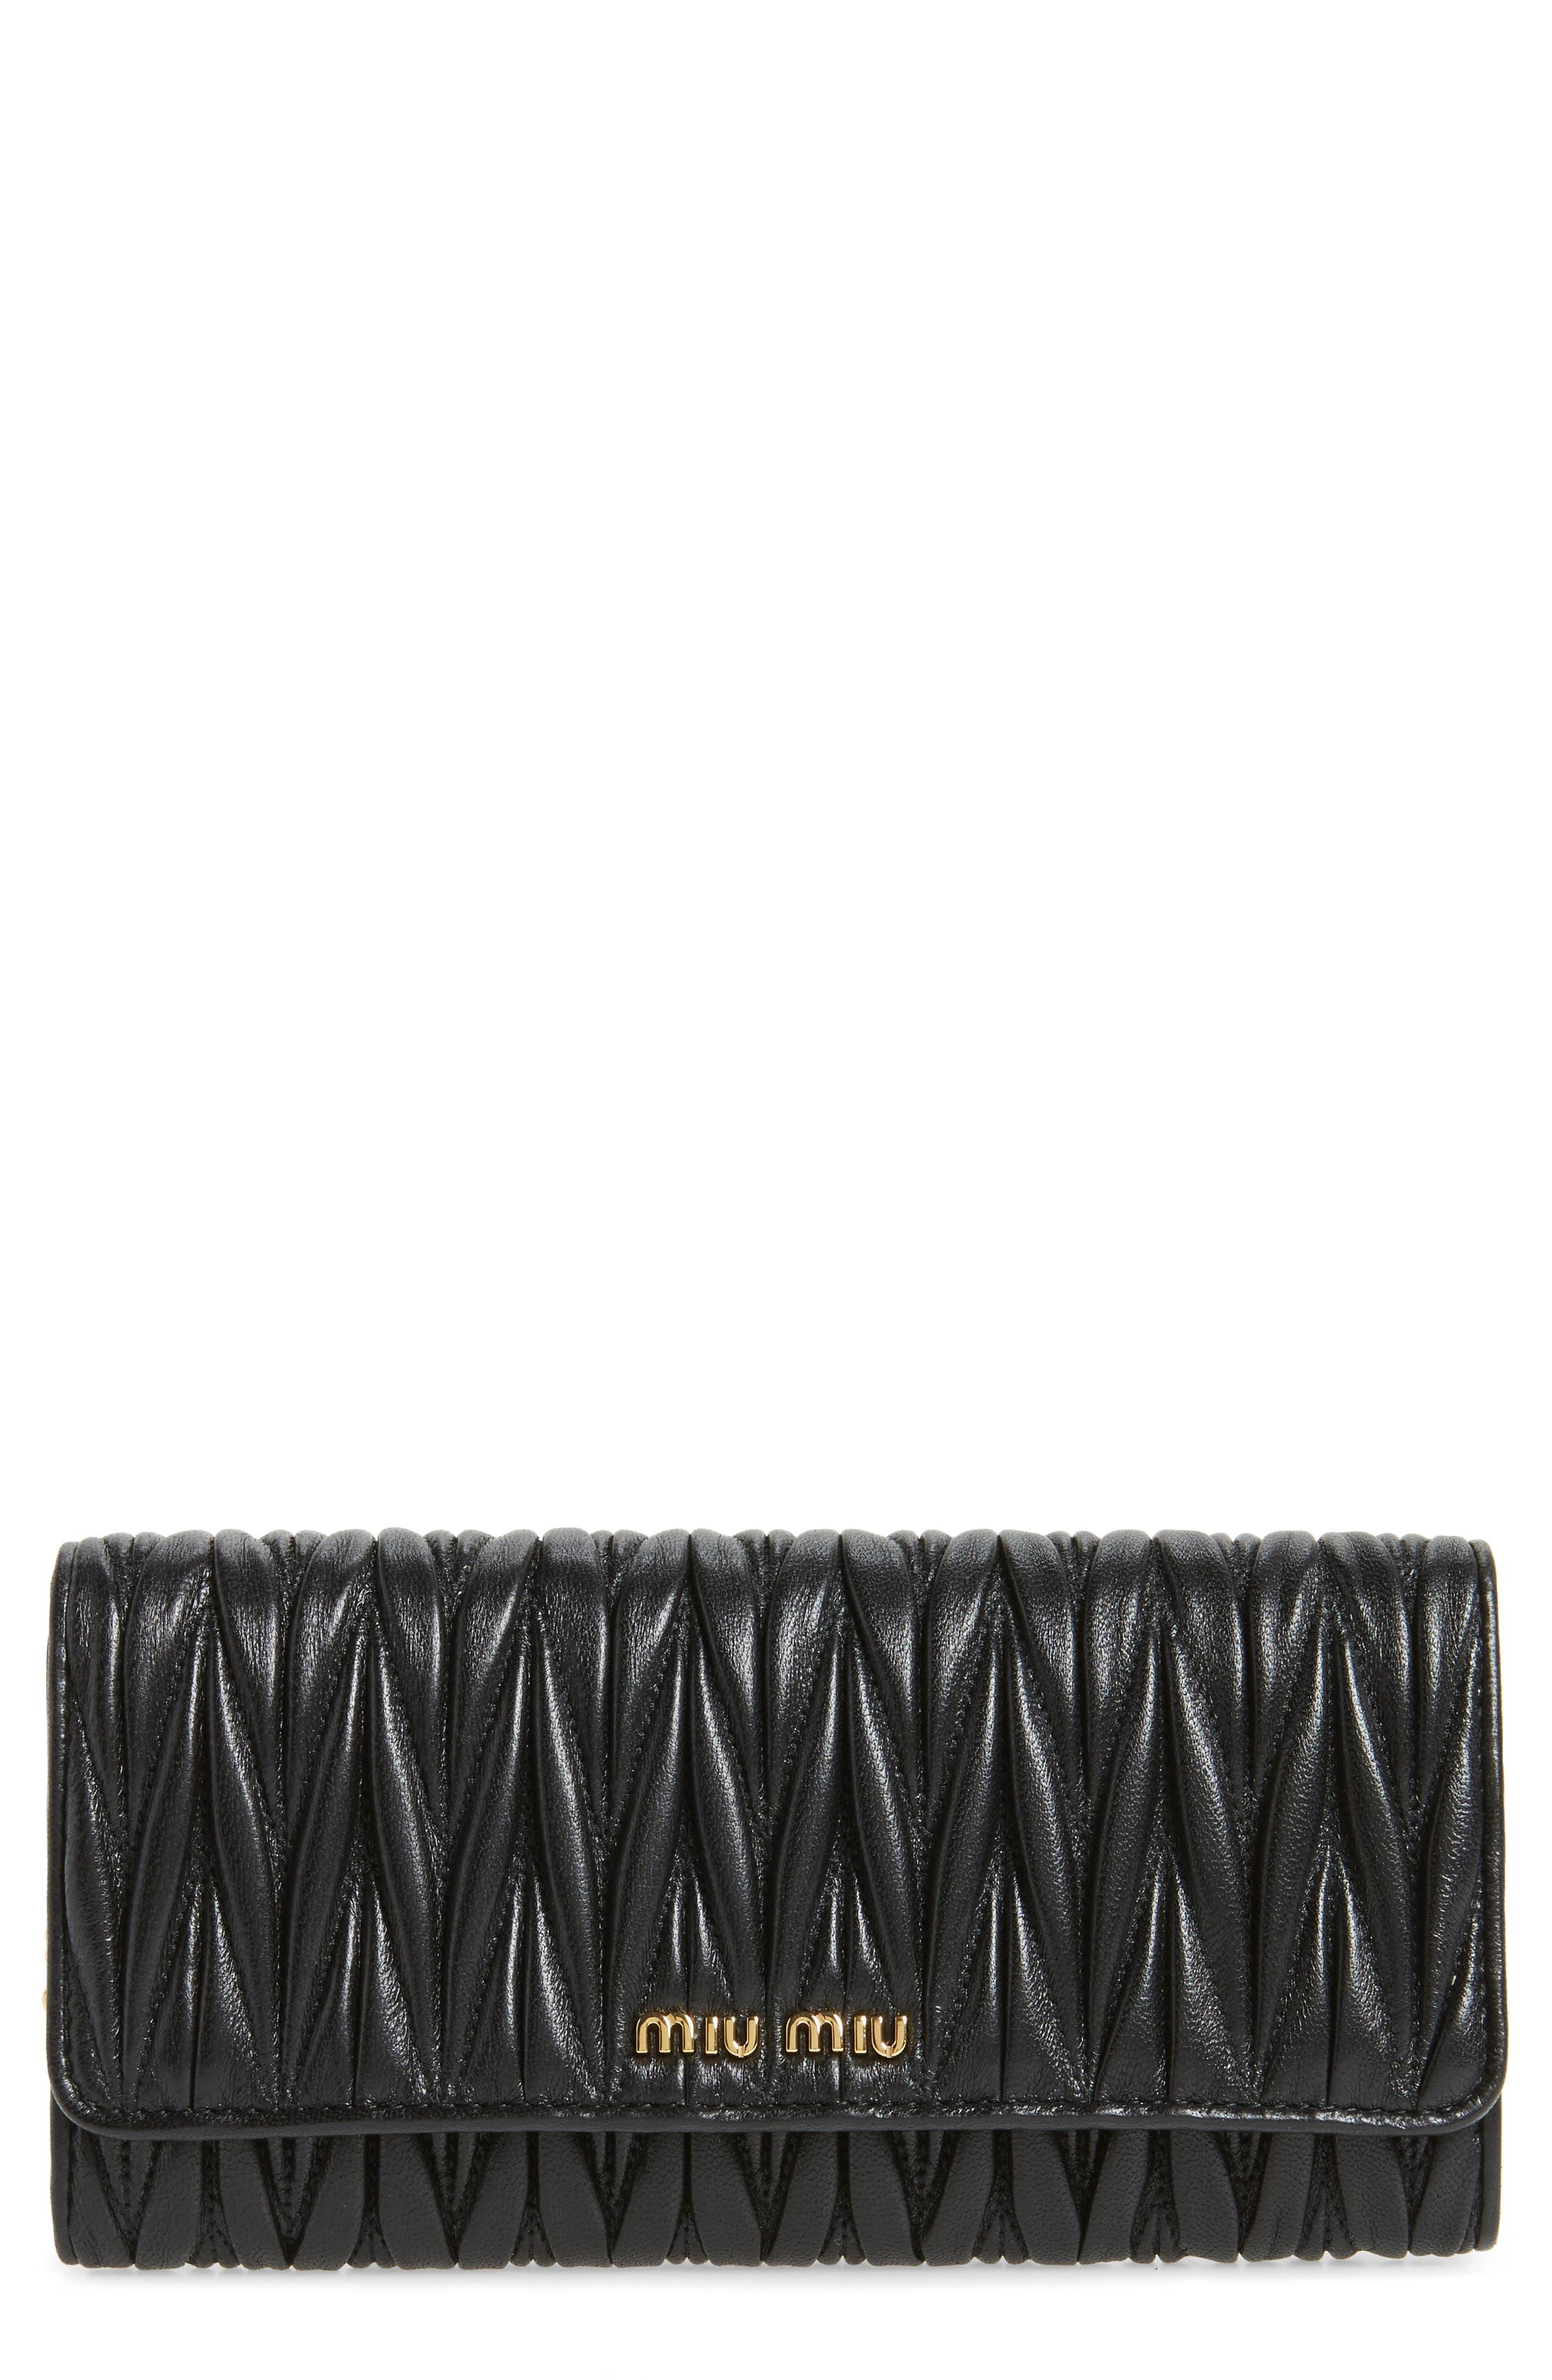 Main Image - Miu Miu Matelassé Leather Continental Wallet